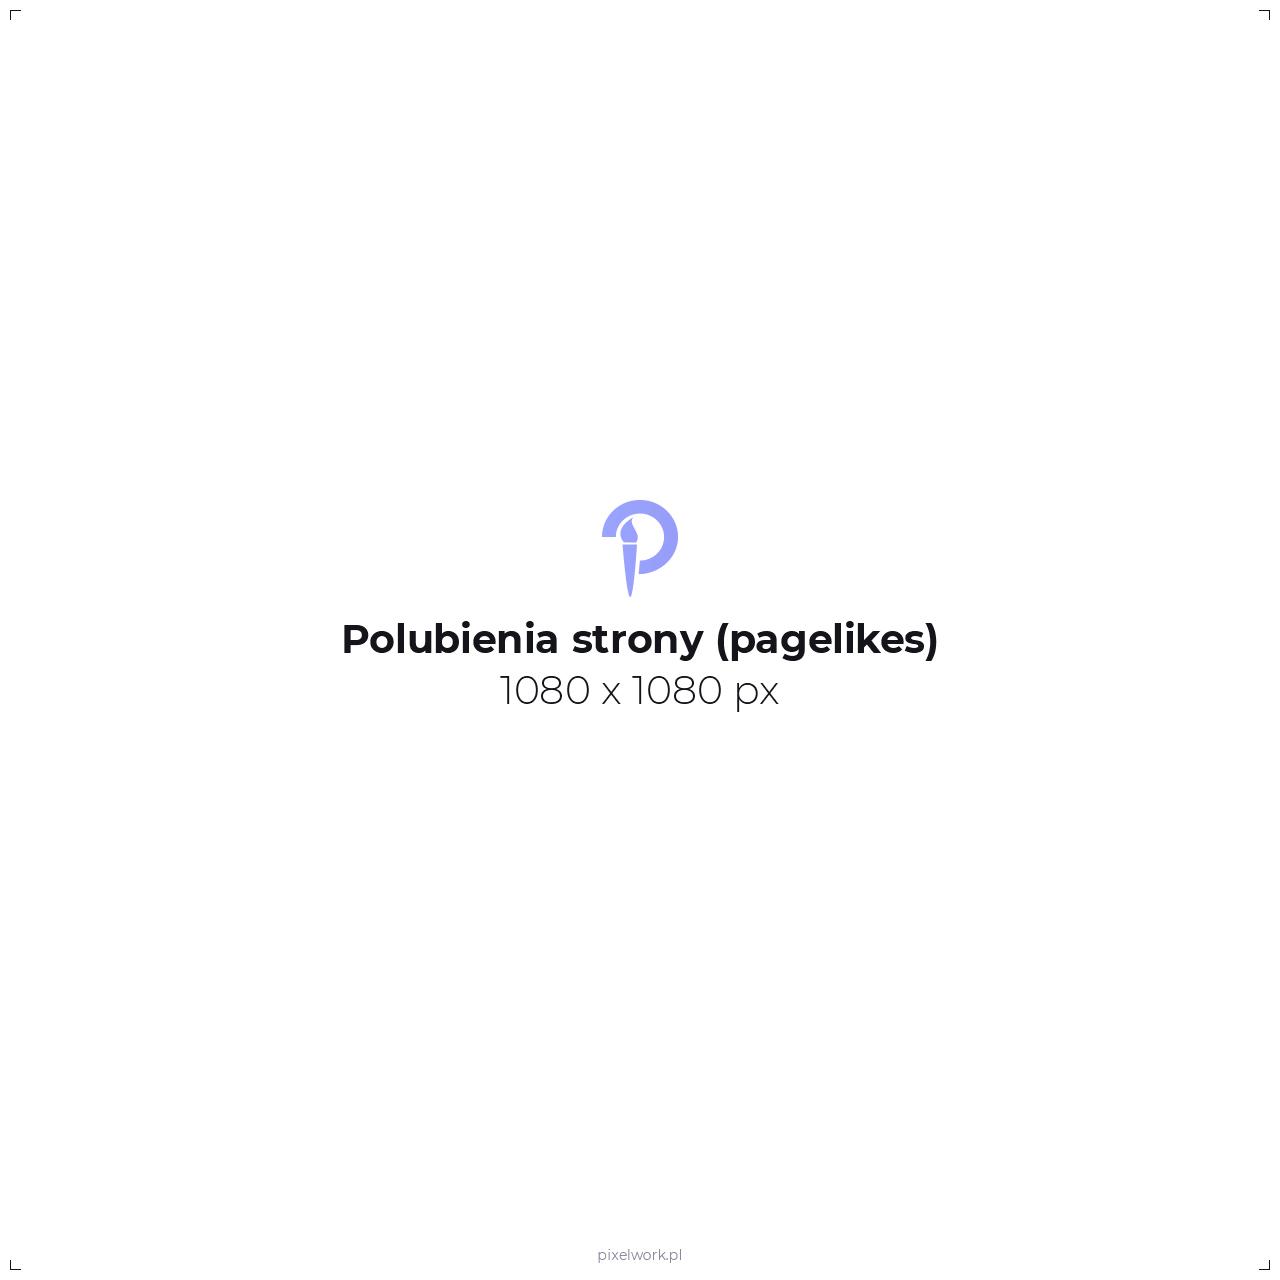 Wymiary grafik na fb, grafika na fb, polubienia strony